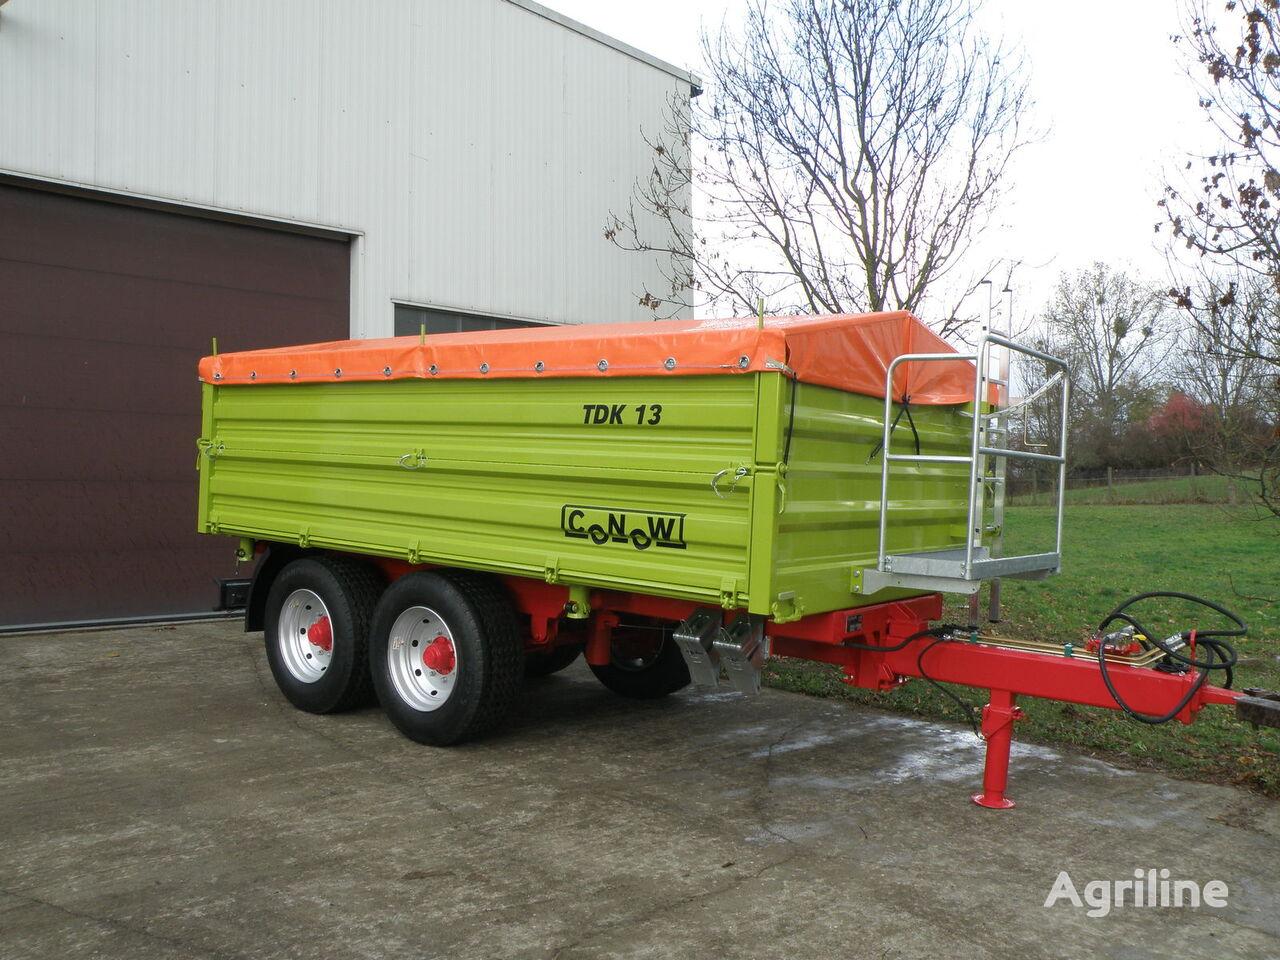 naujas traktoriaus priekaba CONOW TDK 13